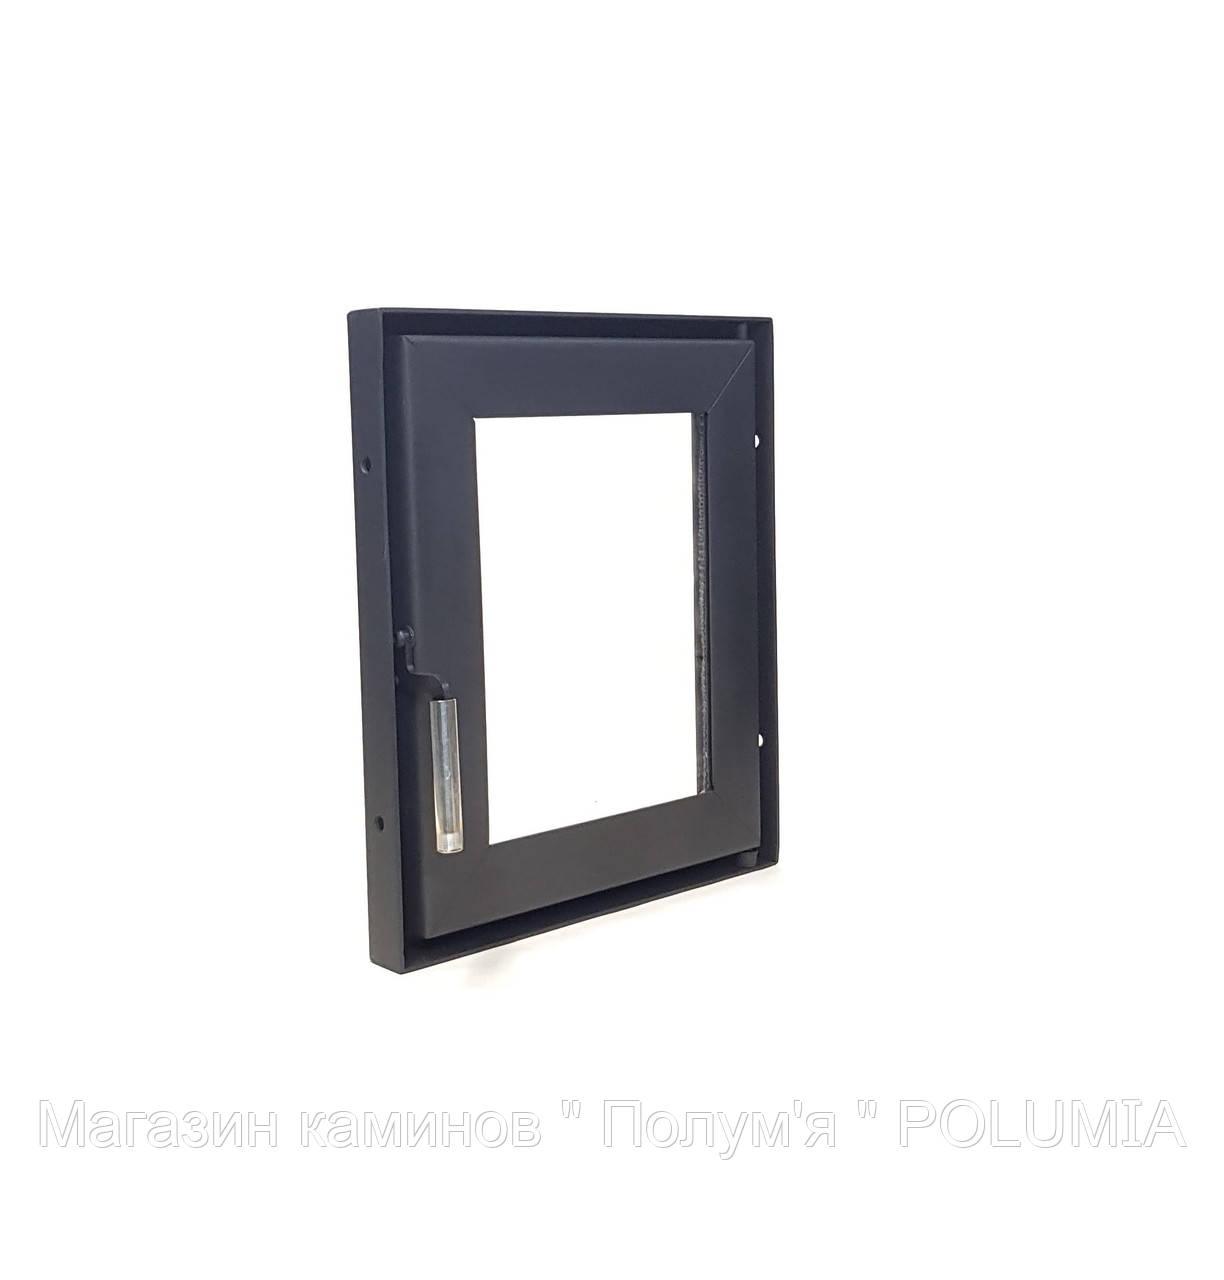 Дверца для камина Ognevoda 320×380 мм, стекло внутреннее, ручка Lite